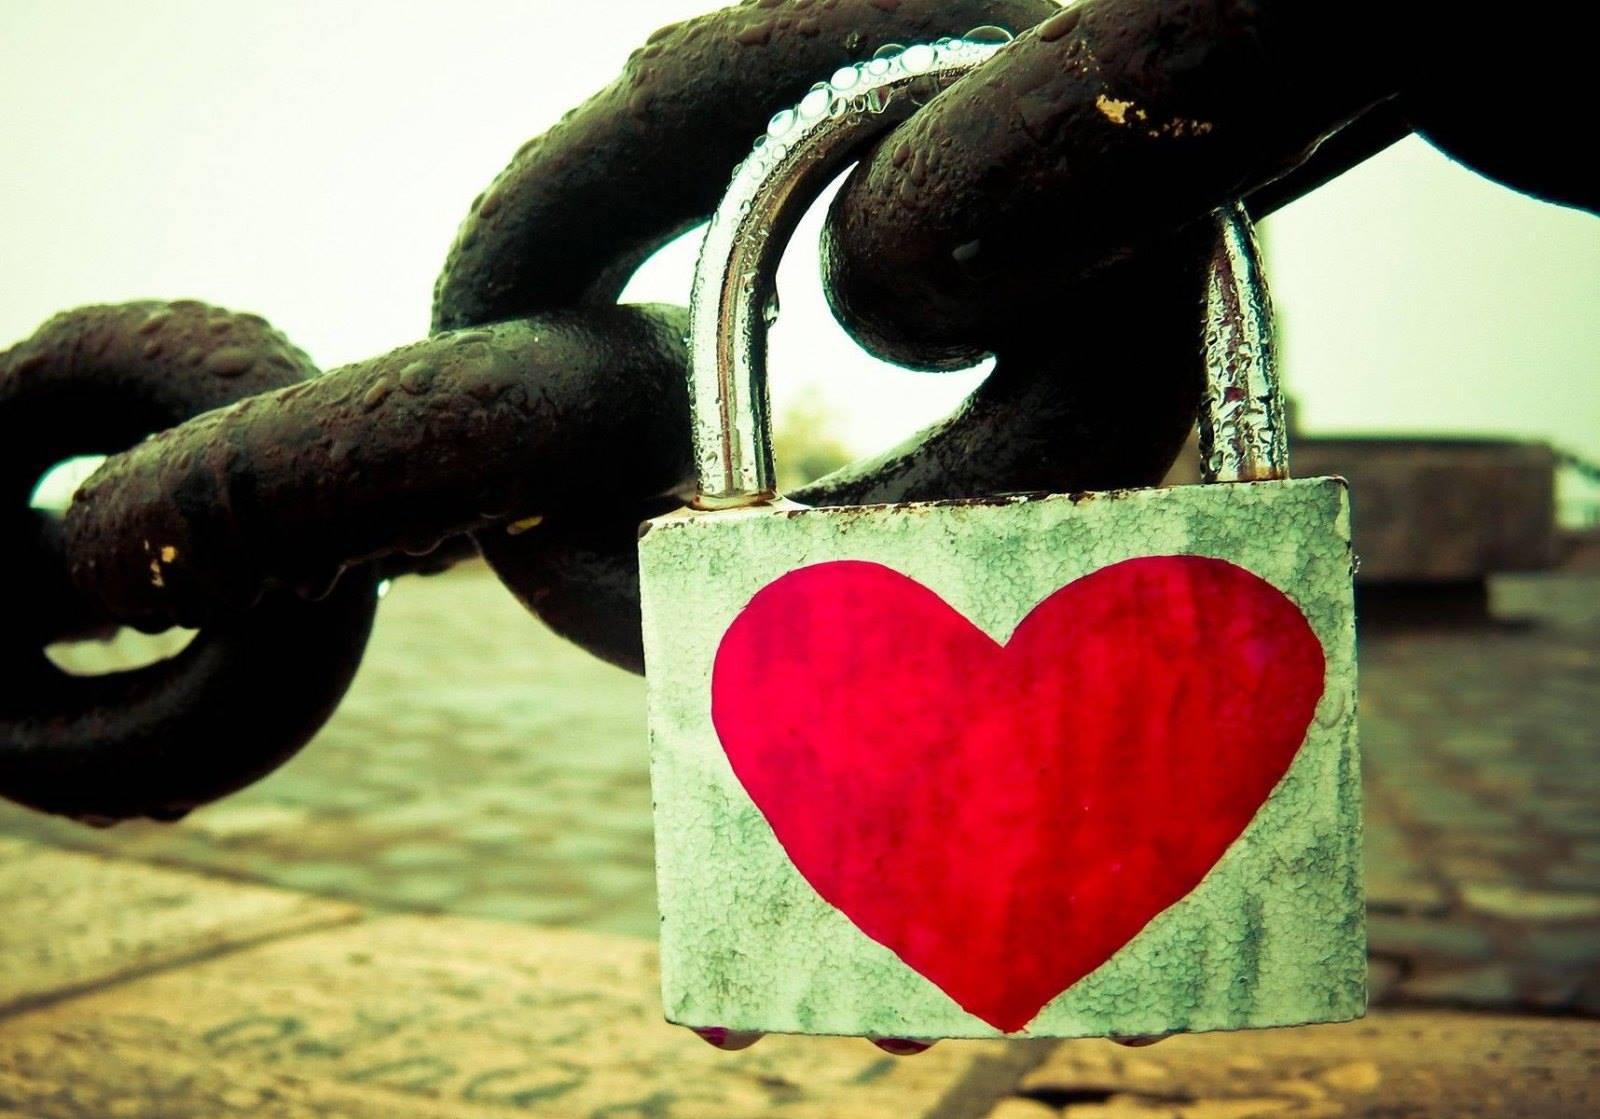 Baixar Mensagem De Amor Para Whatsapp: Mensagem De Amor Para Whatsapp, Te Amo E Te Quero Para